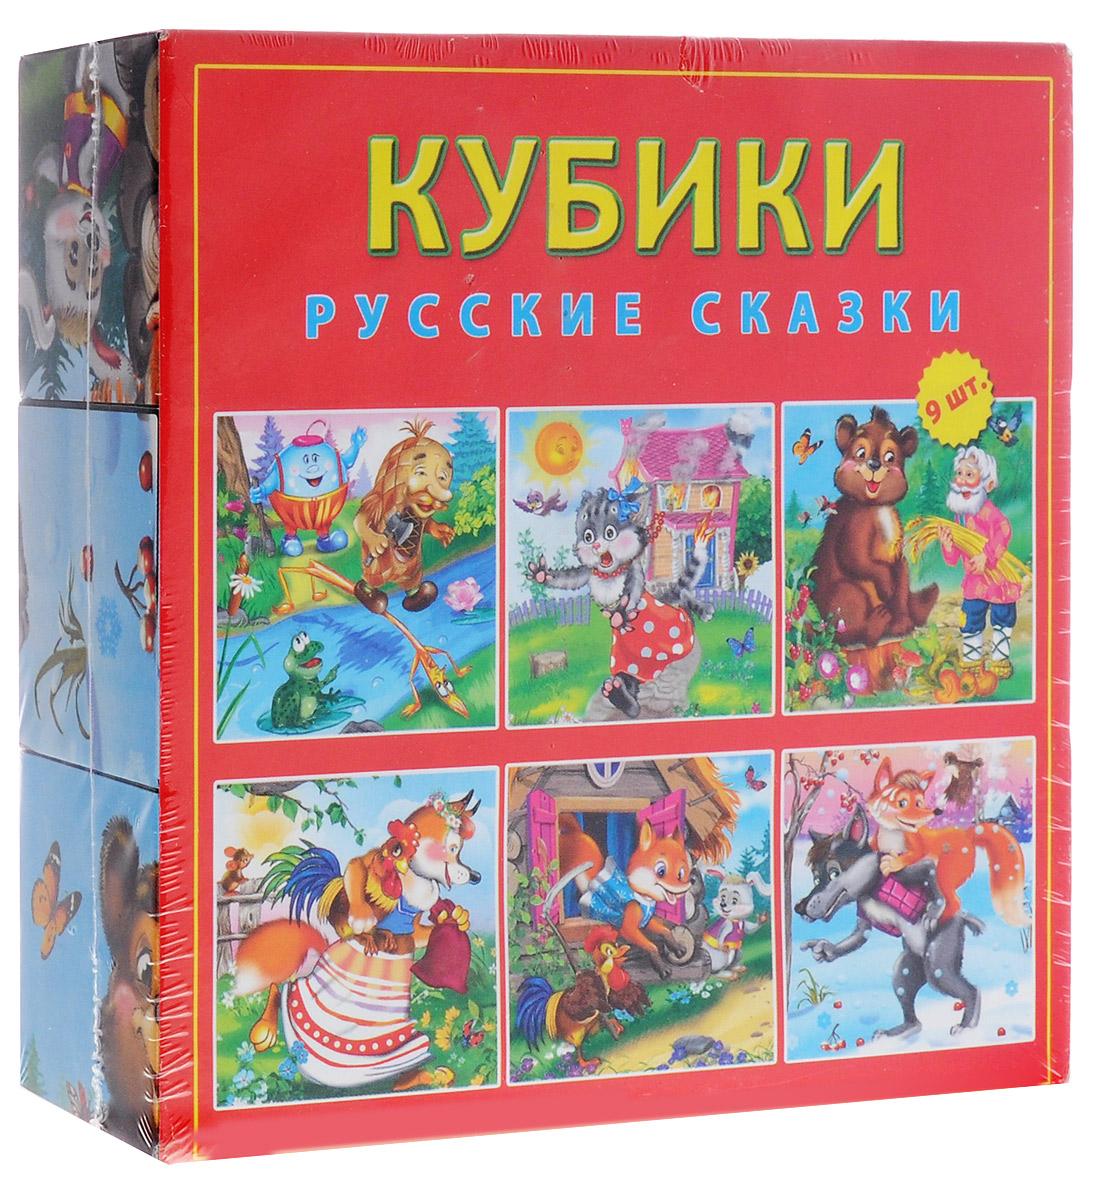 Рыжий Кот Кубики Русские сказки 9 штК09-8080Кубики Русские сказки включают в себя 9 кубиков, на гранях которых изображены герои русских сказок. Кубики дадут возможность вашему малышу сложить красочные картинки с любимыми героями. Кубики выполнены из прочного безопасного пластика. Они очень приятные на ощупь, их грани идеально ровные, малышу непременно понравится держать их в руках, рассматривать и строить из них различные конструкции. Игры с кубиками развивают мелкую моторику рук, цветовое восприятие и пространственное мышление.